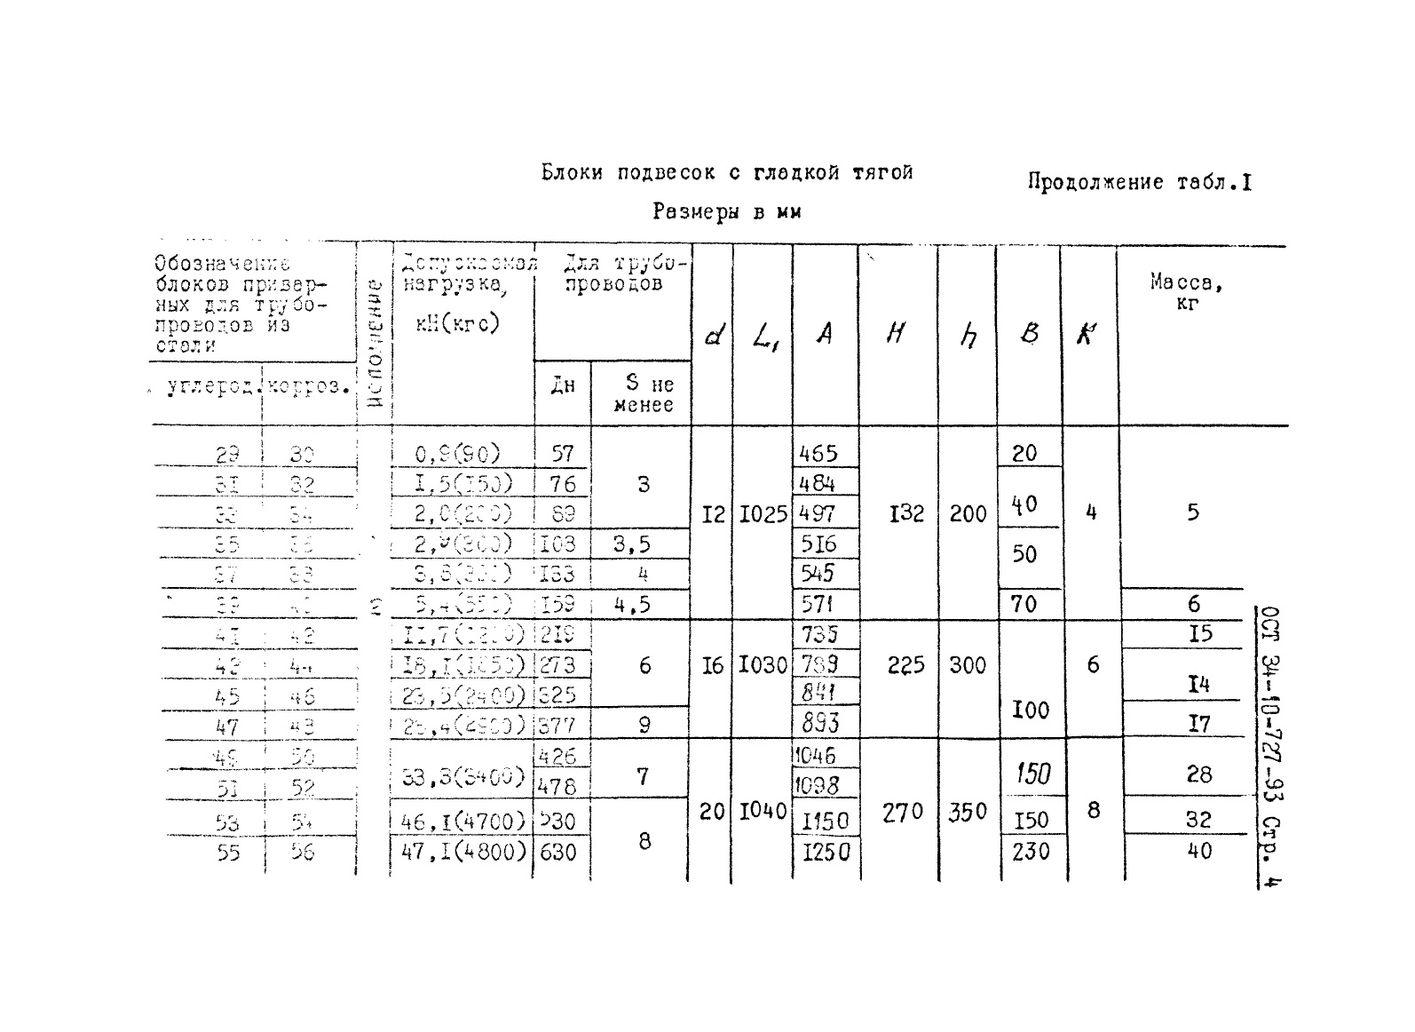 Блоки подвесок приварные для вертикальных трубопроводов ОСТ 34-10-727-93 стр.4